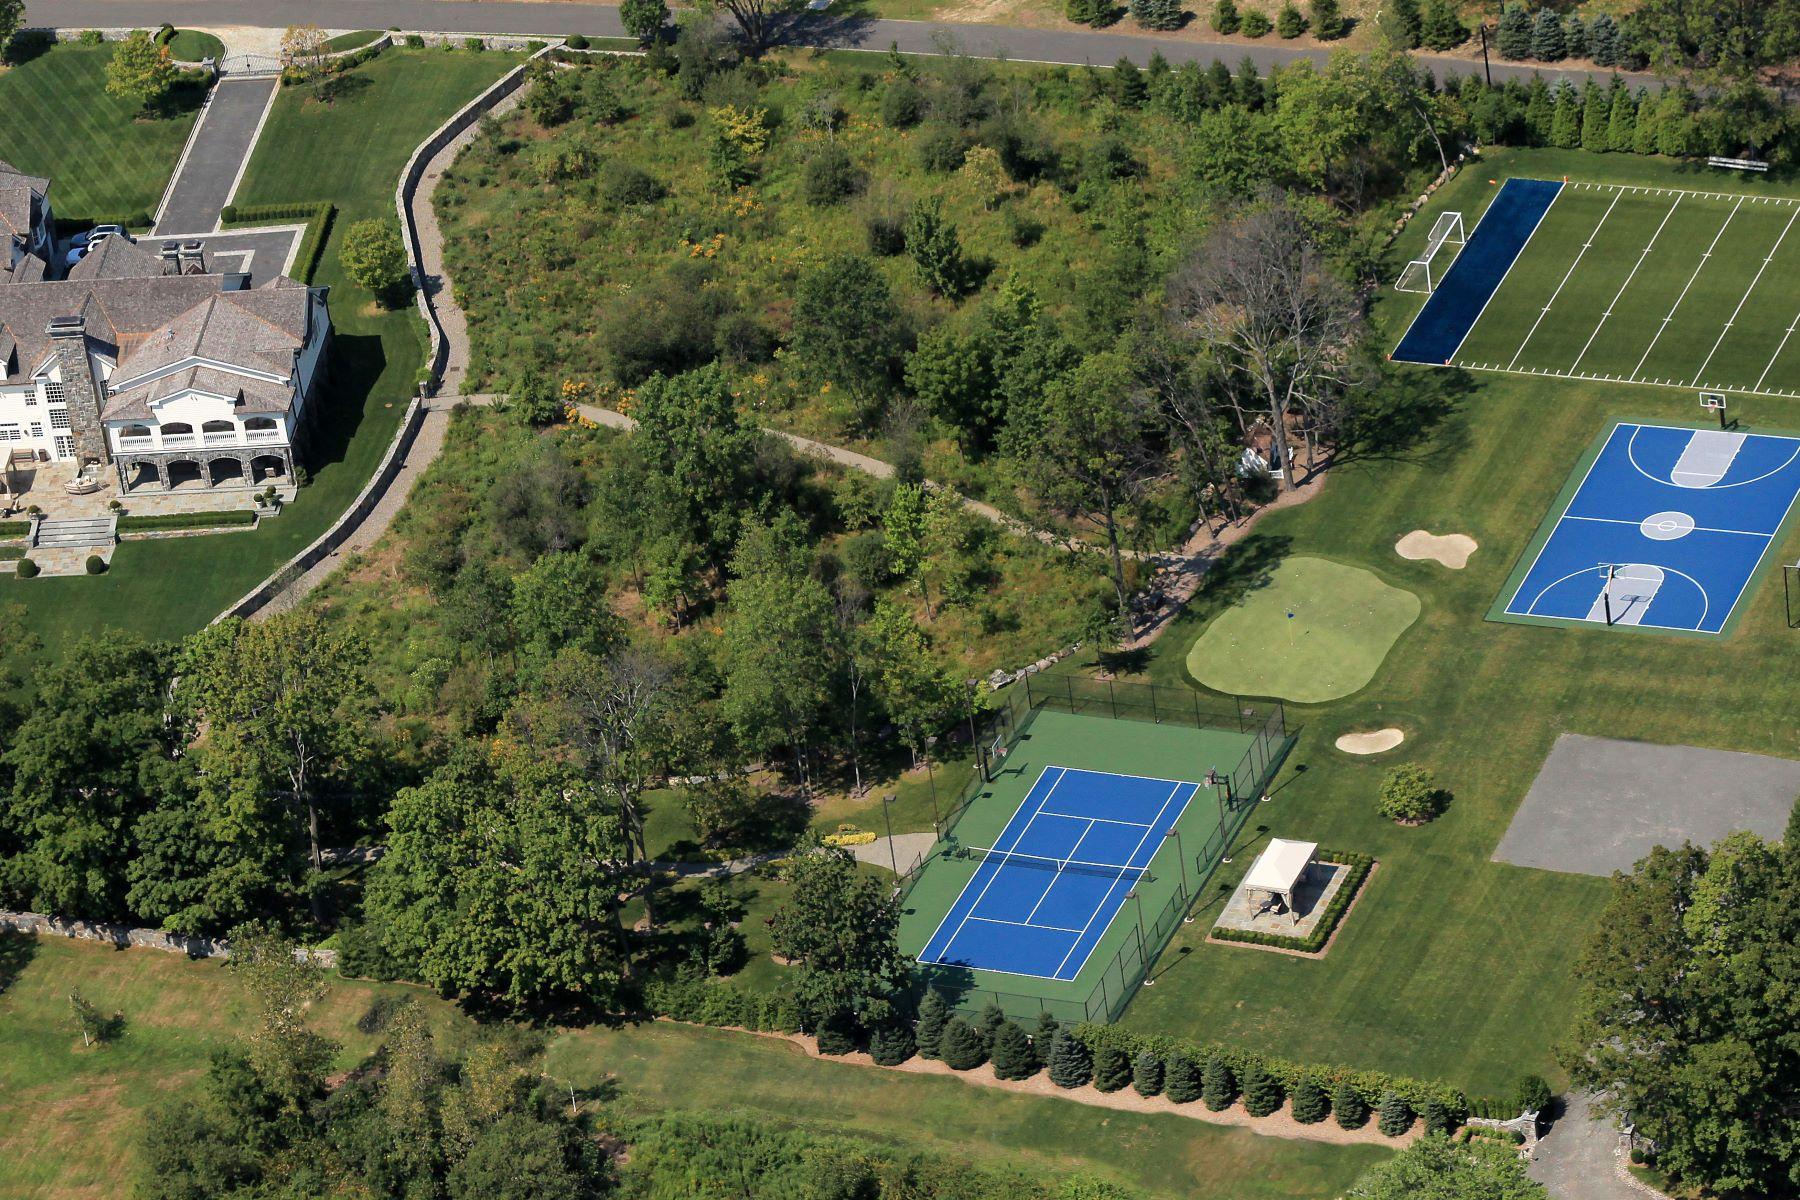 Single Family Homes für Verkauf beim Purchase, New York 10577 Vereinigte Staaten